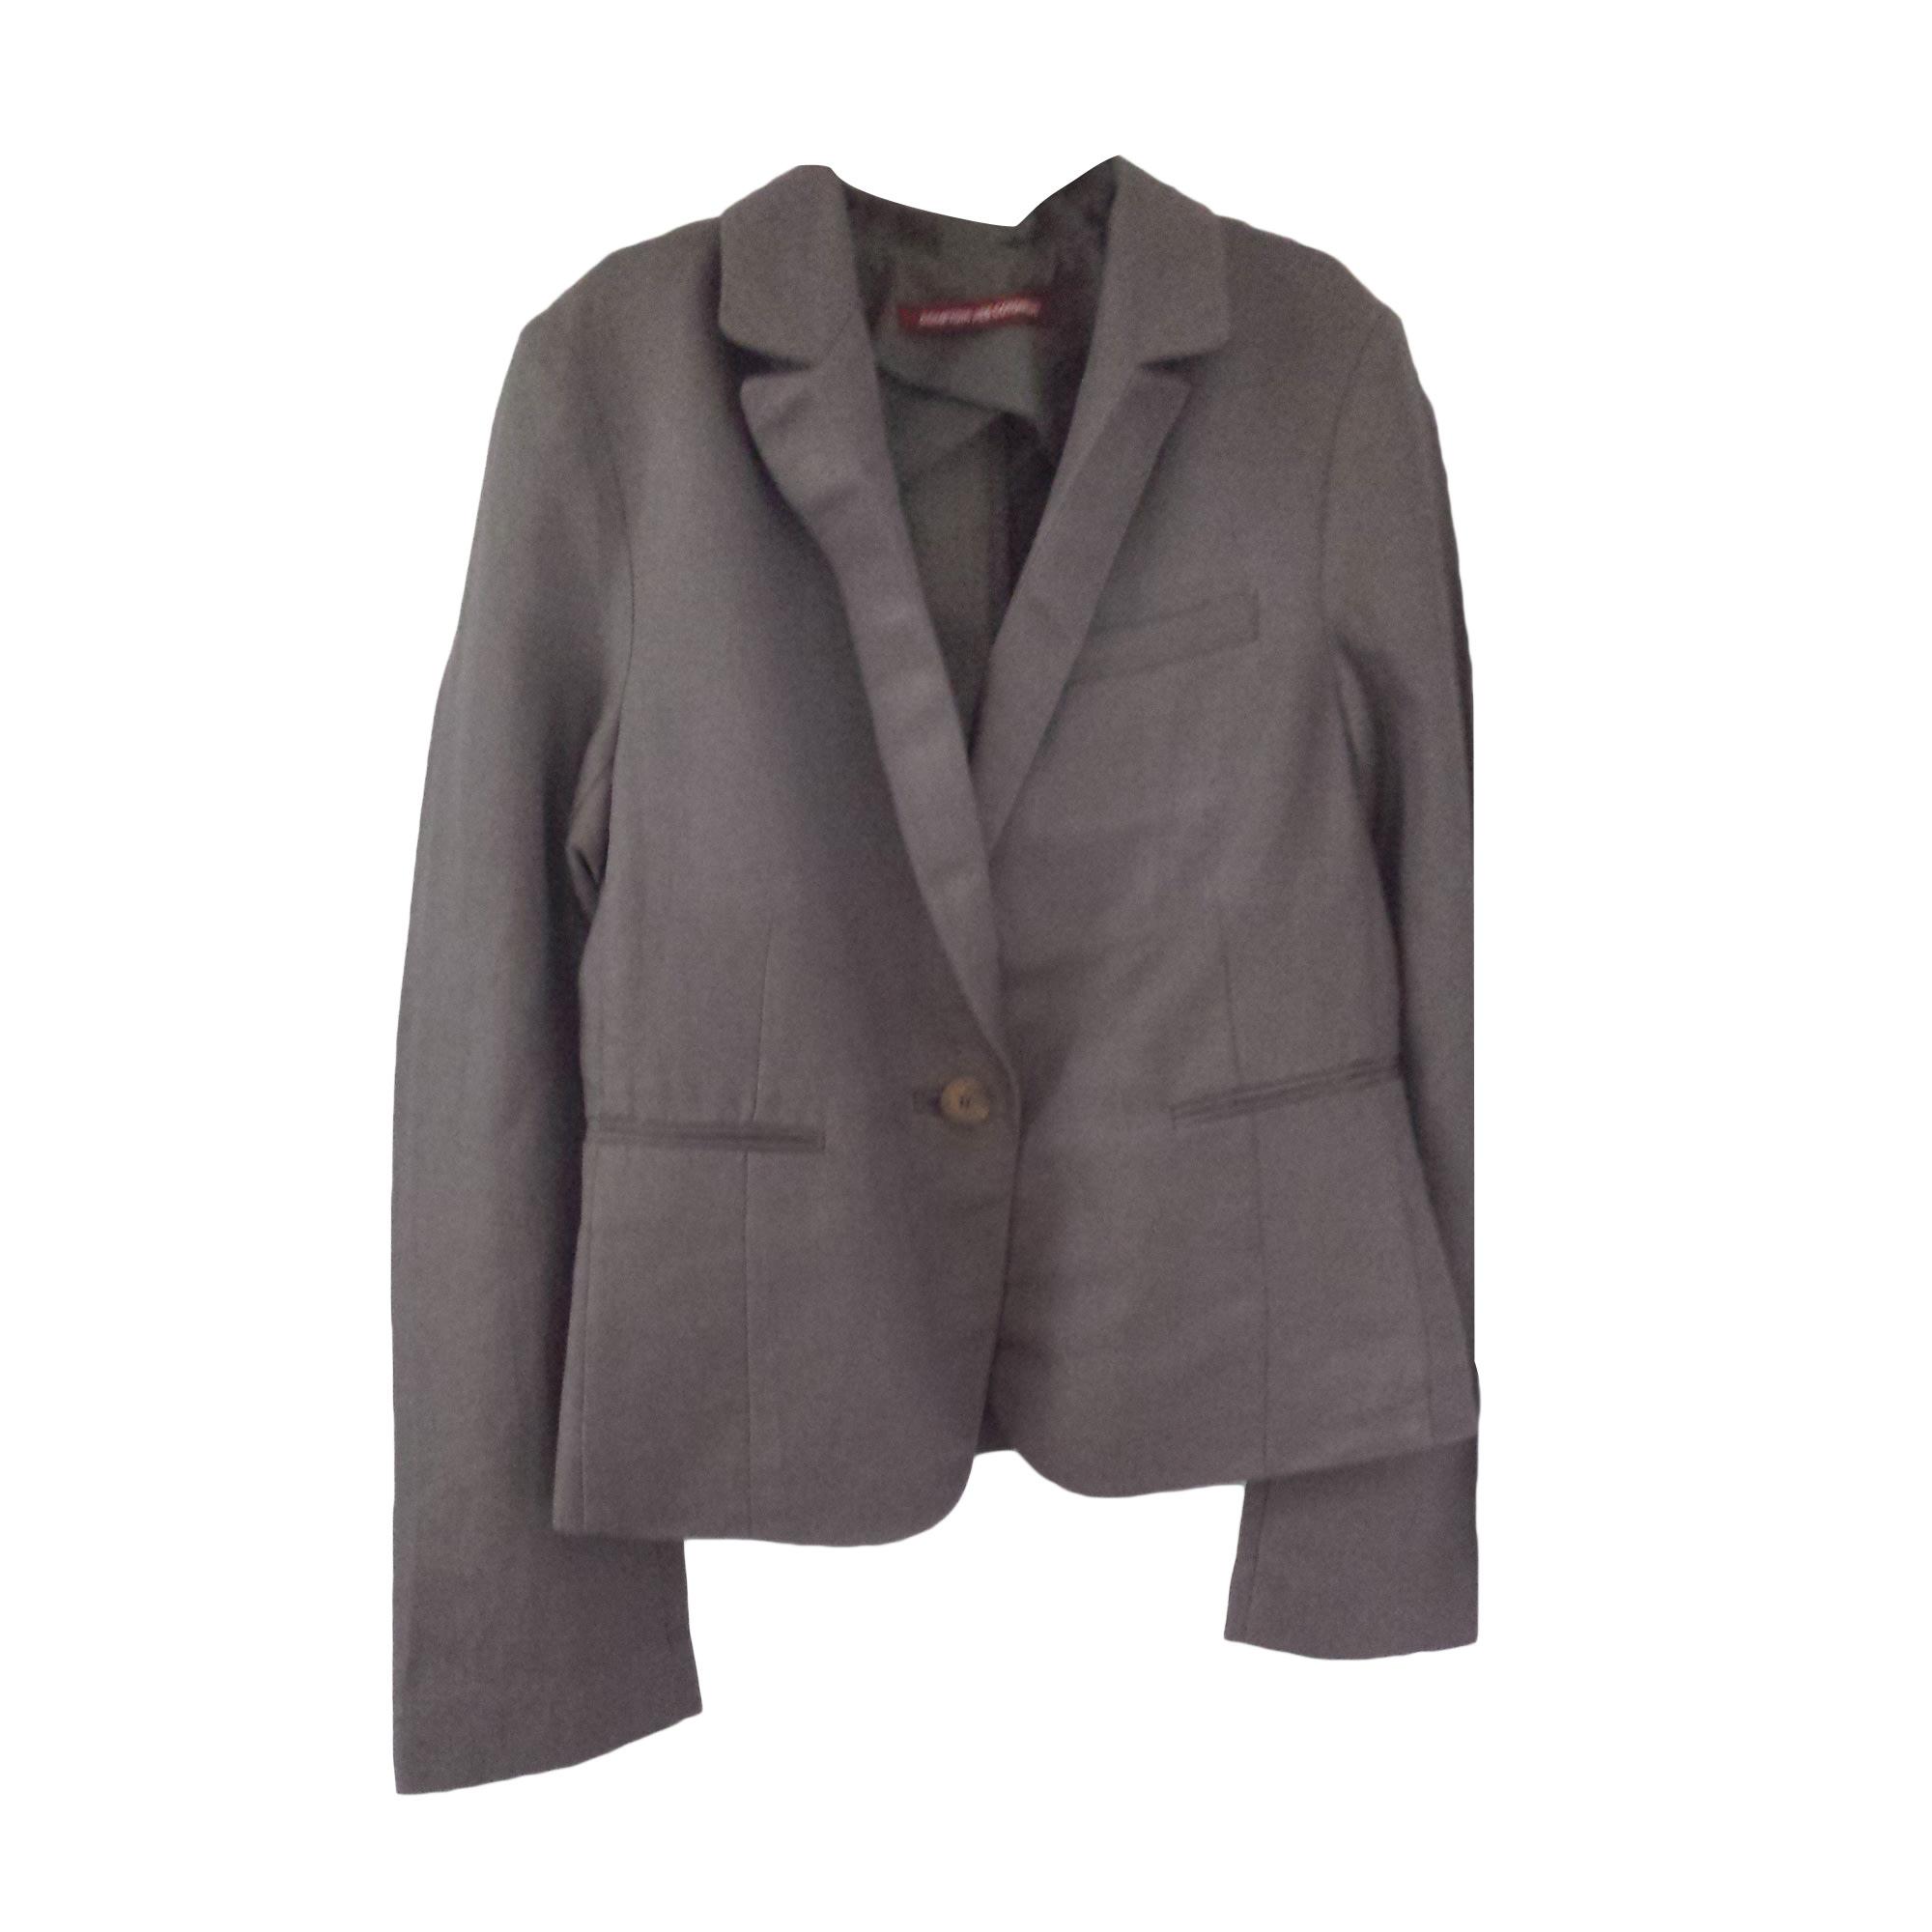 Blazer, veste tailleur COMPTOIR DES COTONNIERS Beige, camel